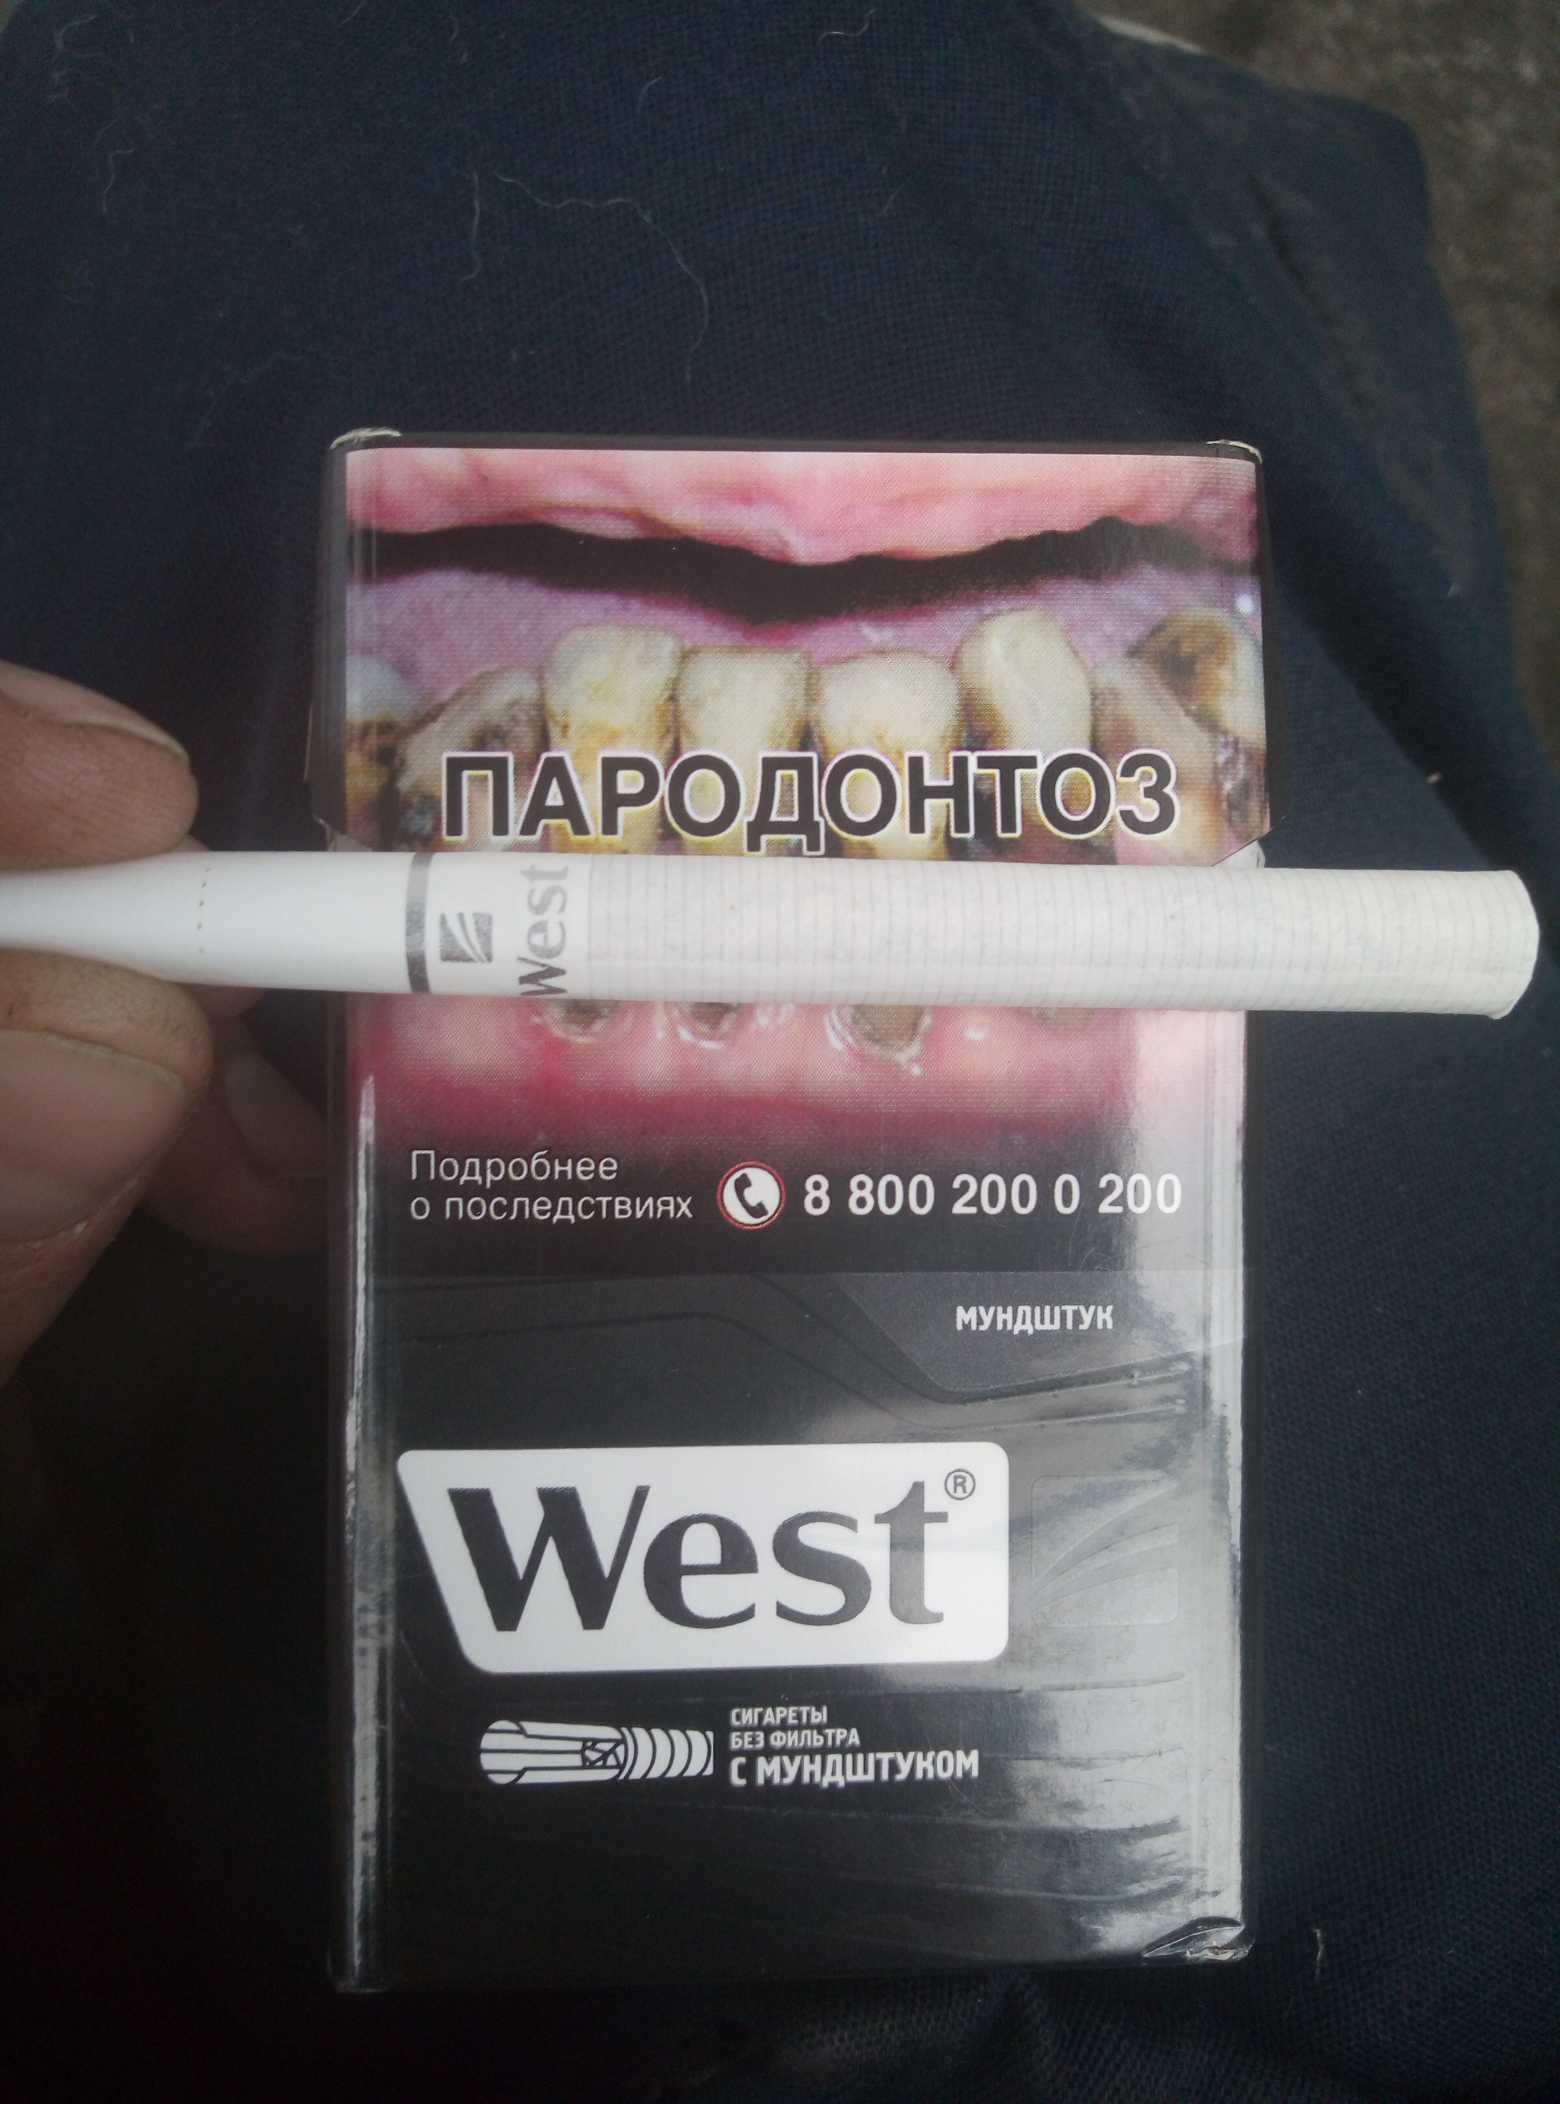 Сигареты west мундштук купить купить жидкость для электронной сигареты в набережных челнах